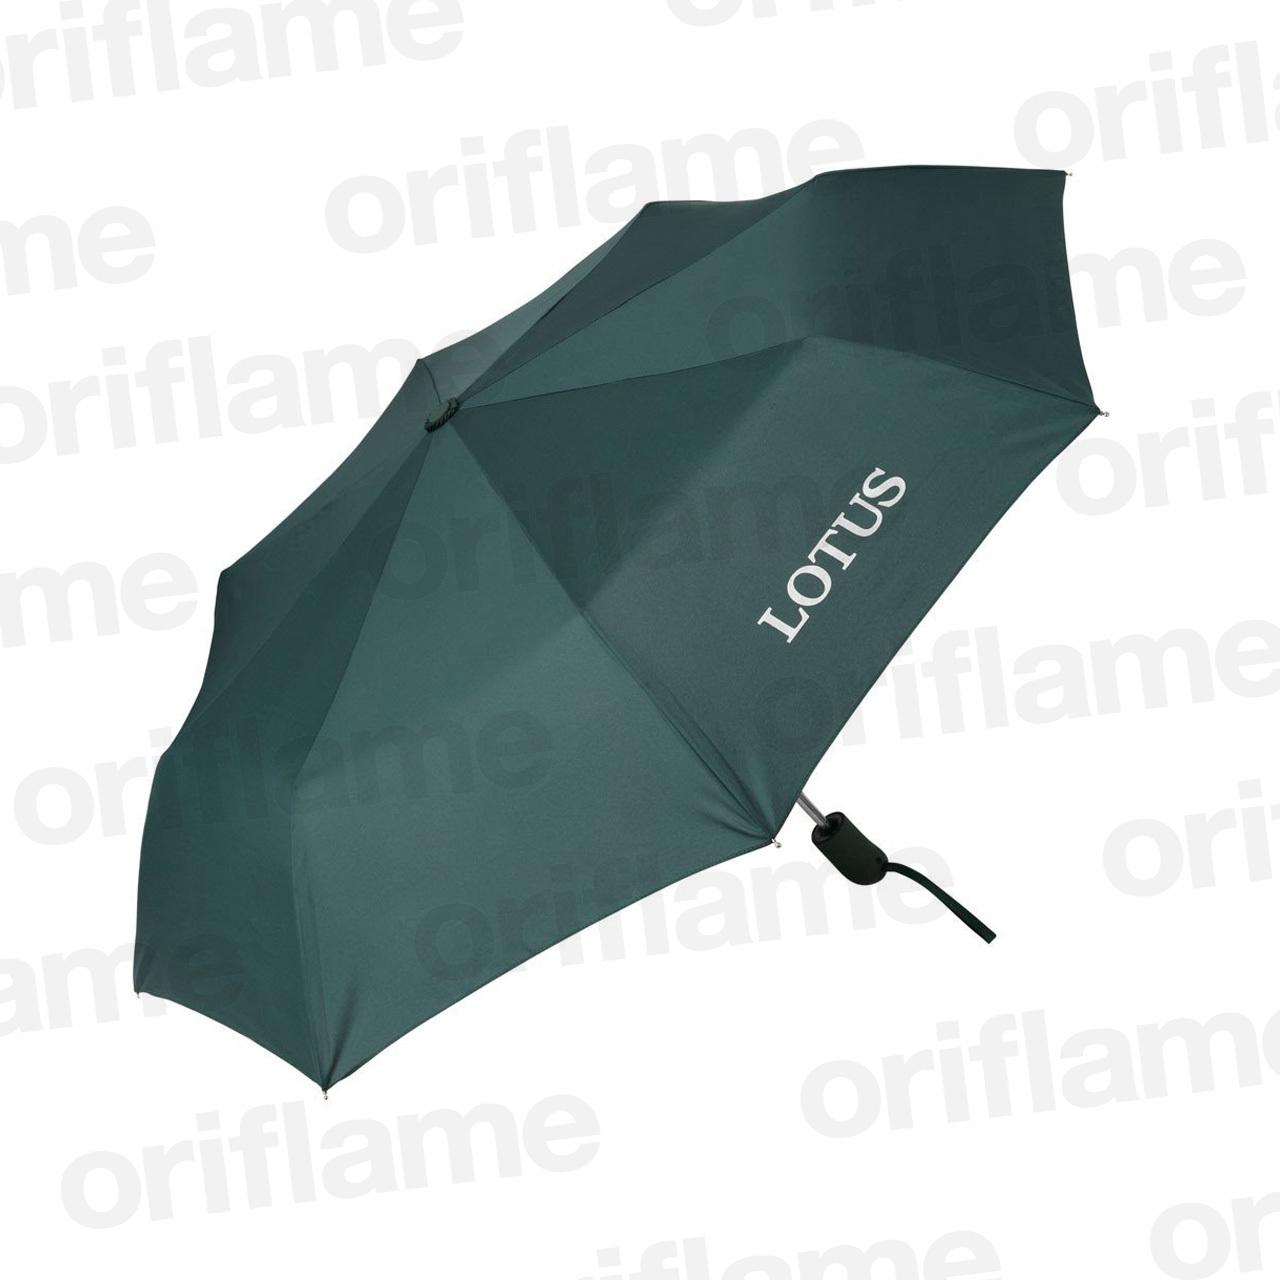 傘・折りたたみ・ロータス・ラバーグリップ・グリーン